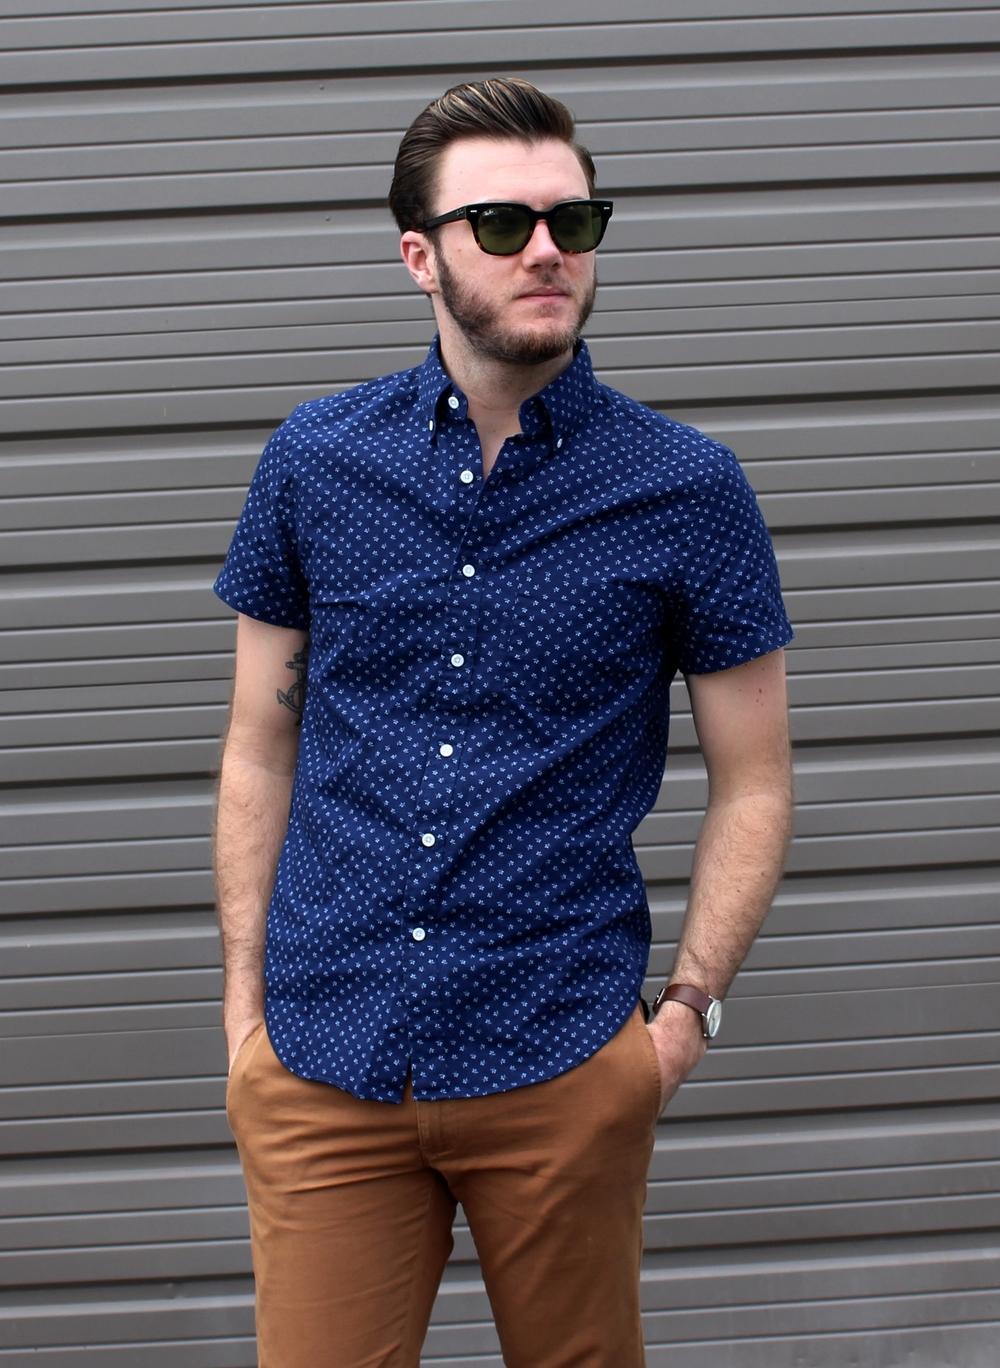 Black-Boots-Blue-Printed-Shirt-5.jpg